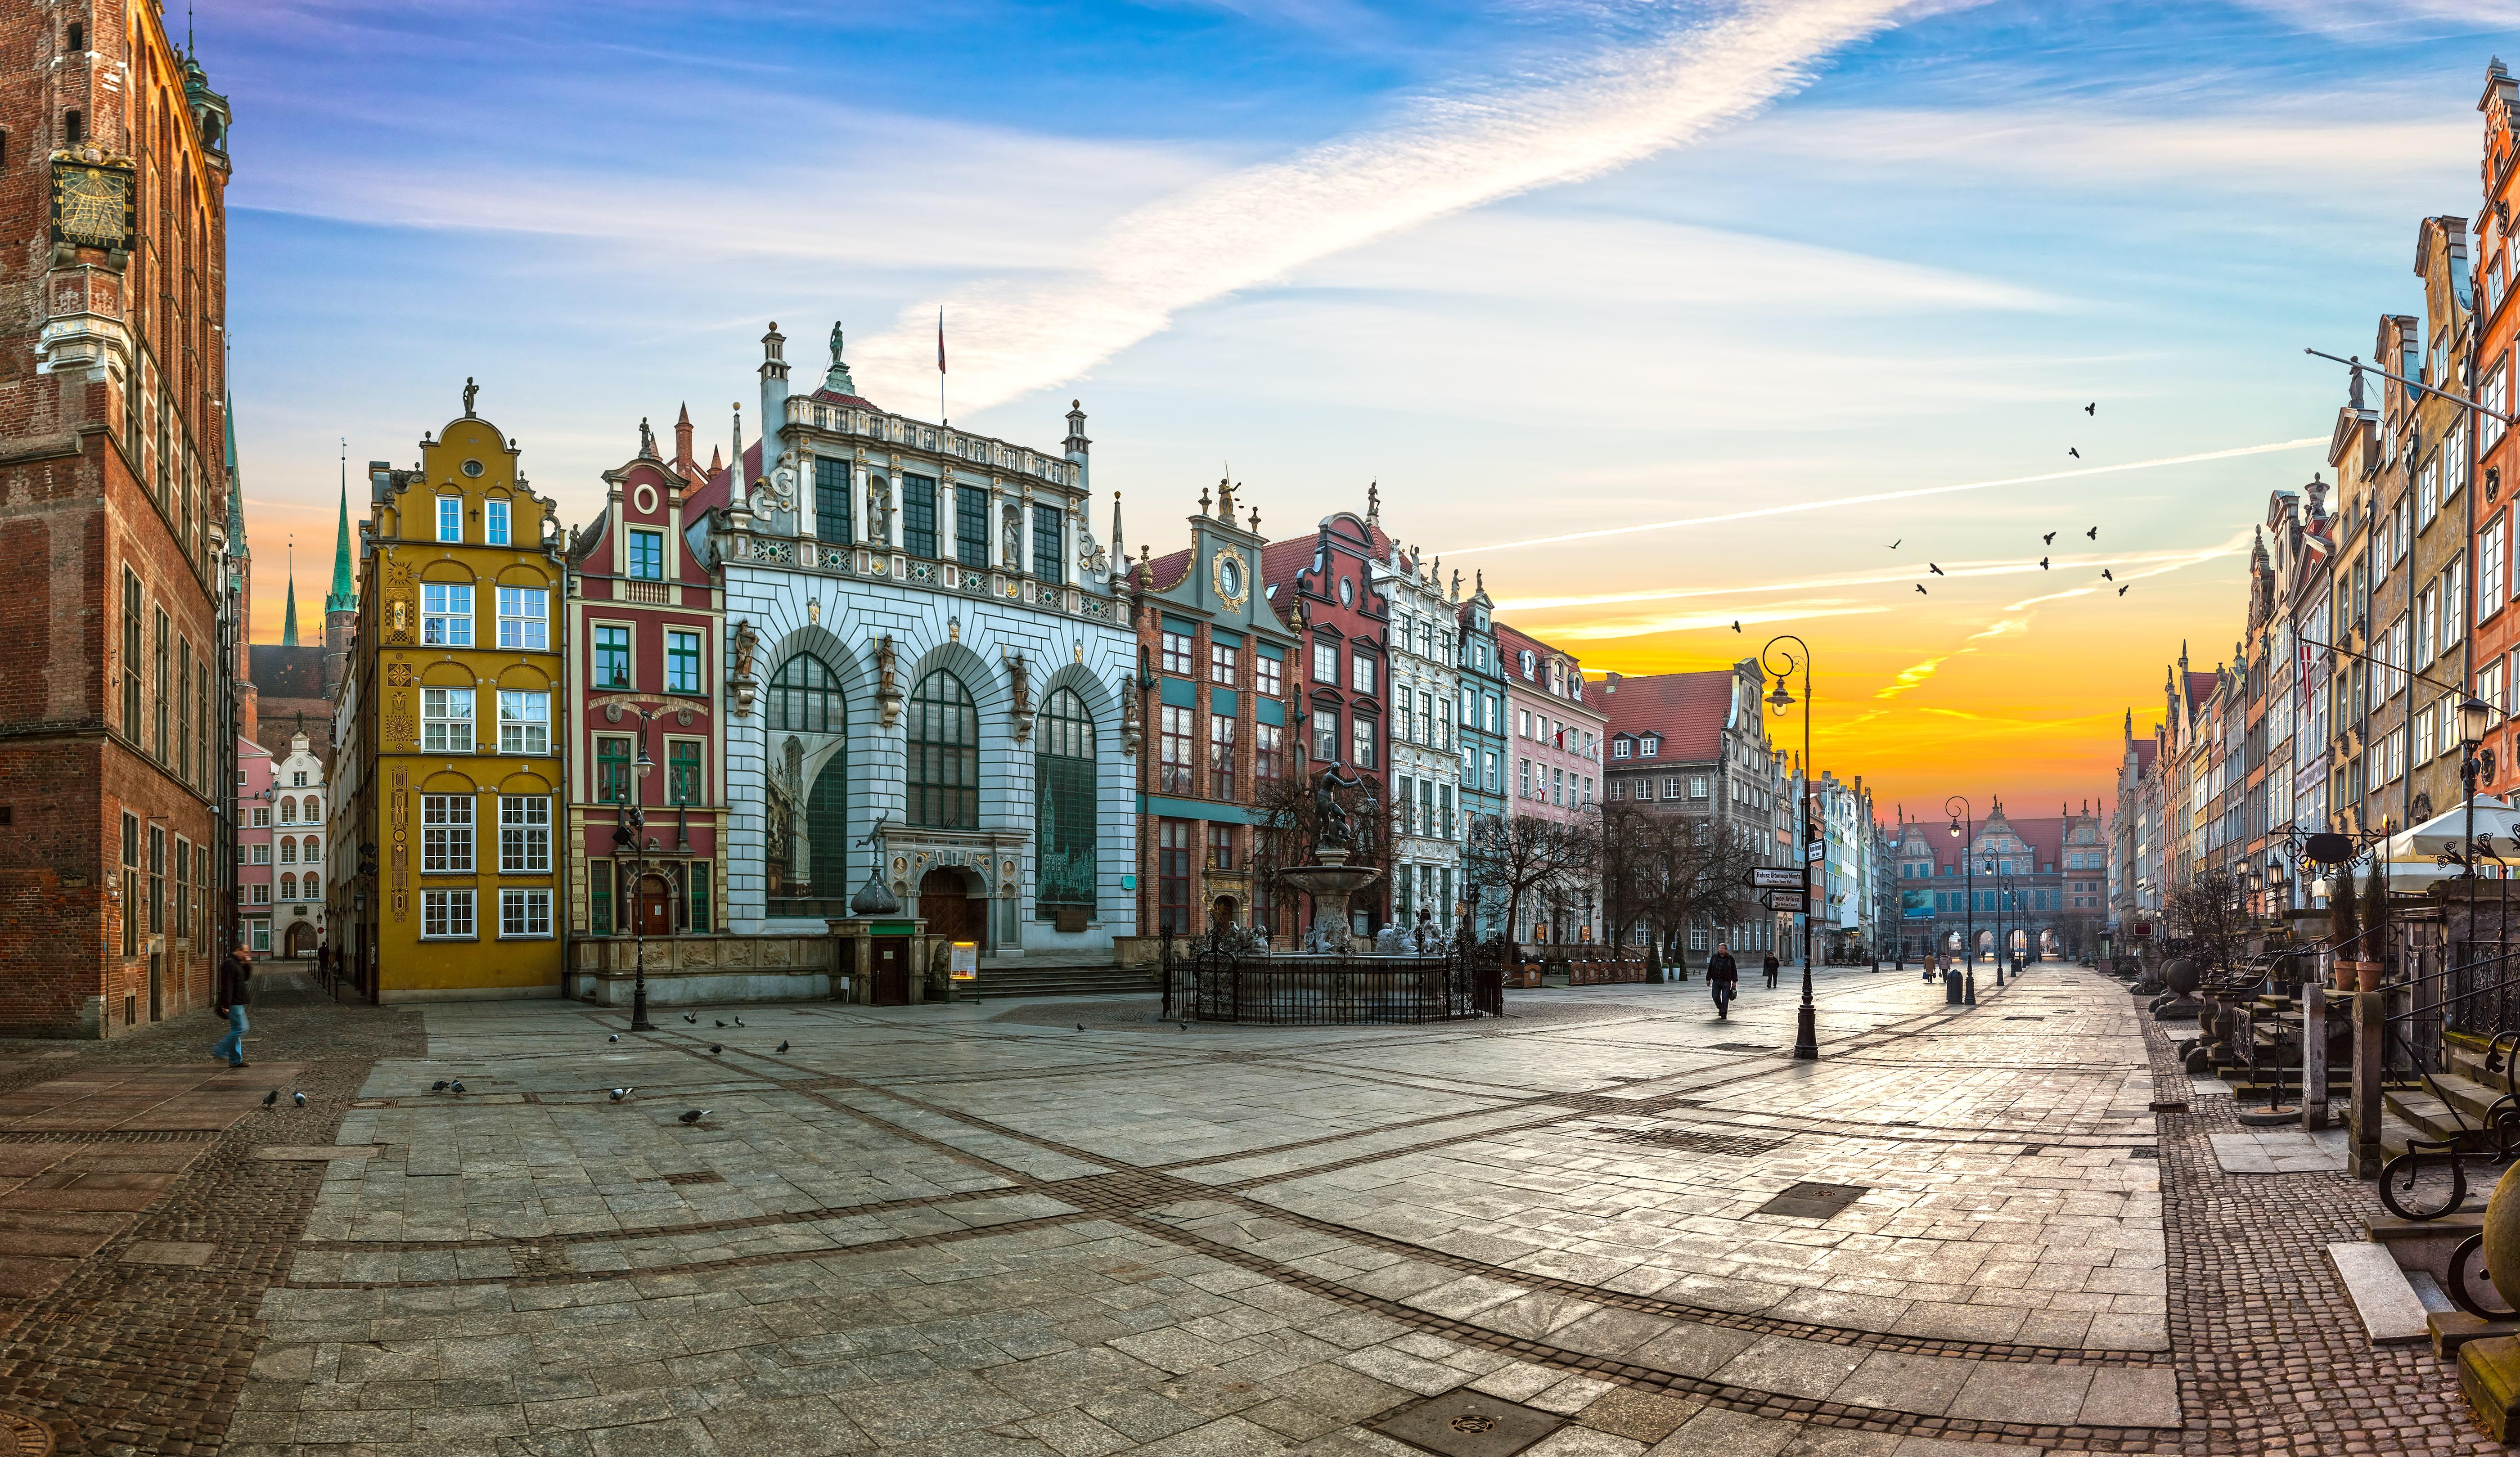 Long Lane straat in Gdansk, Polen